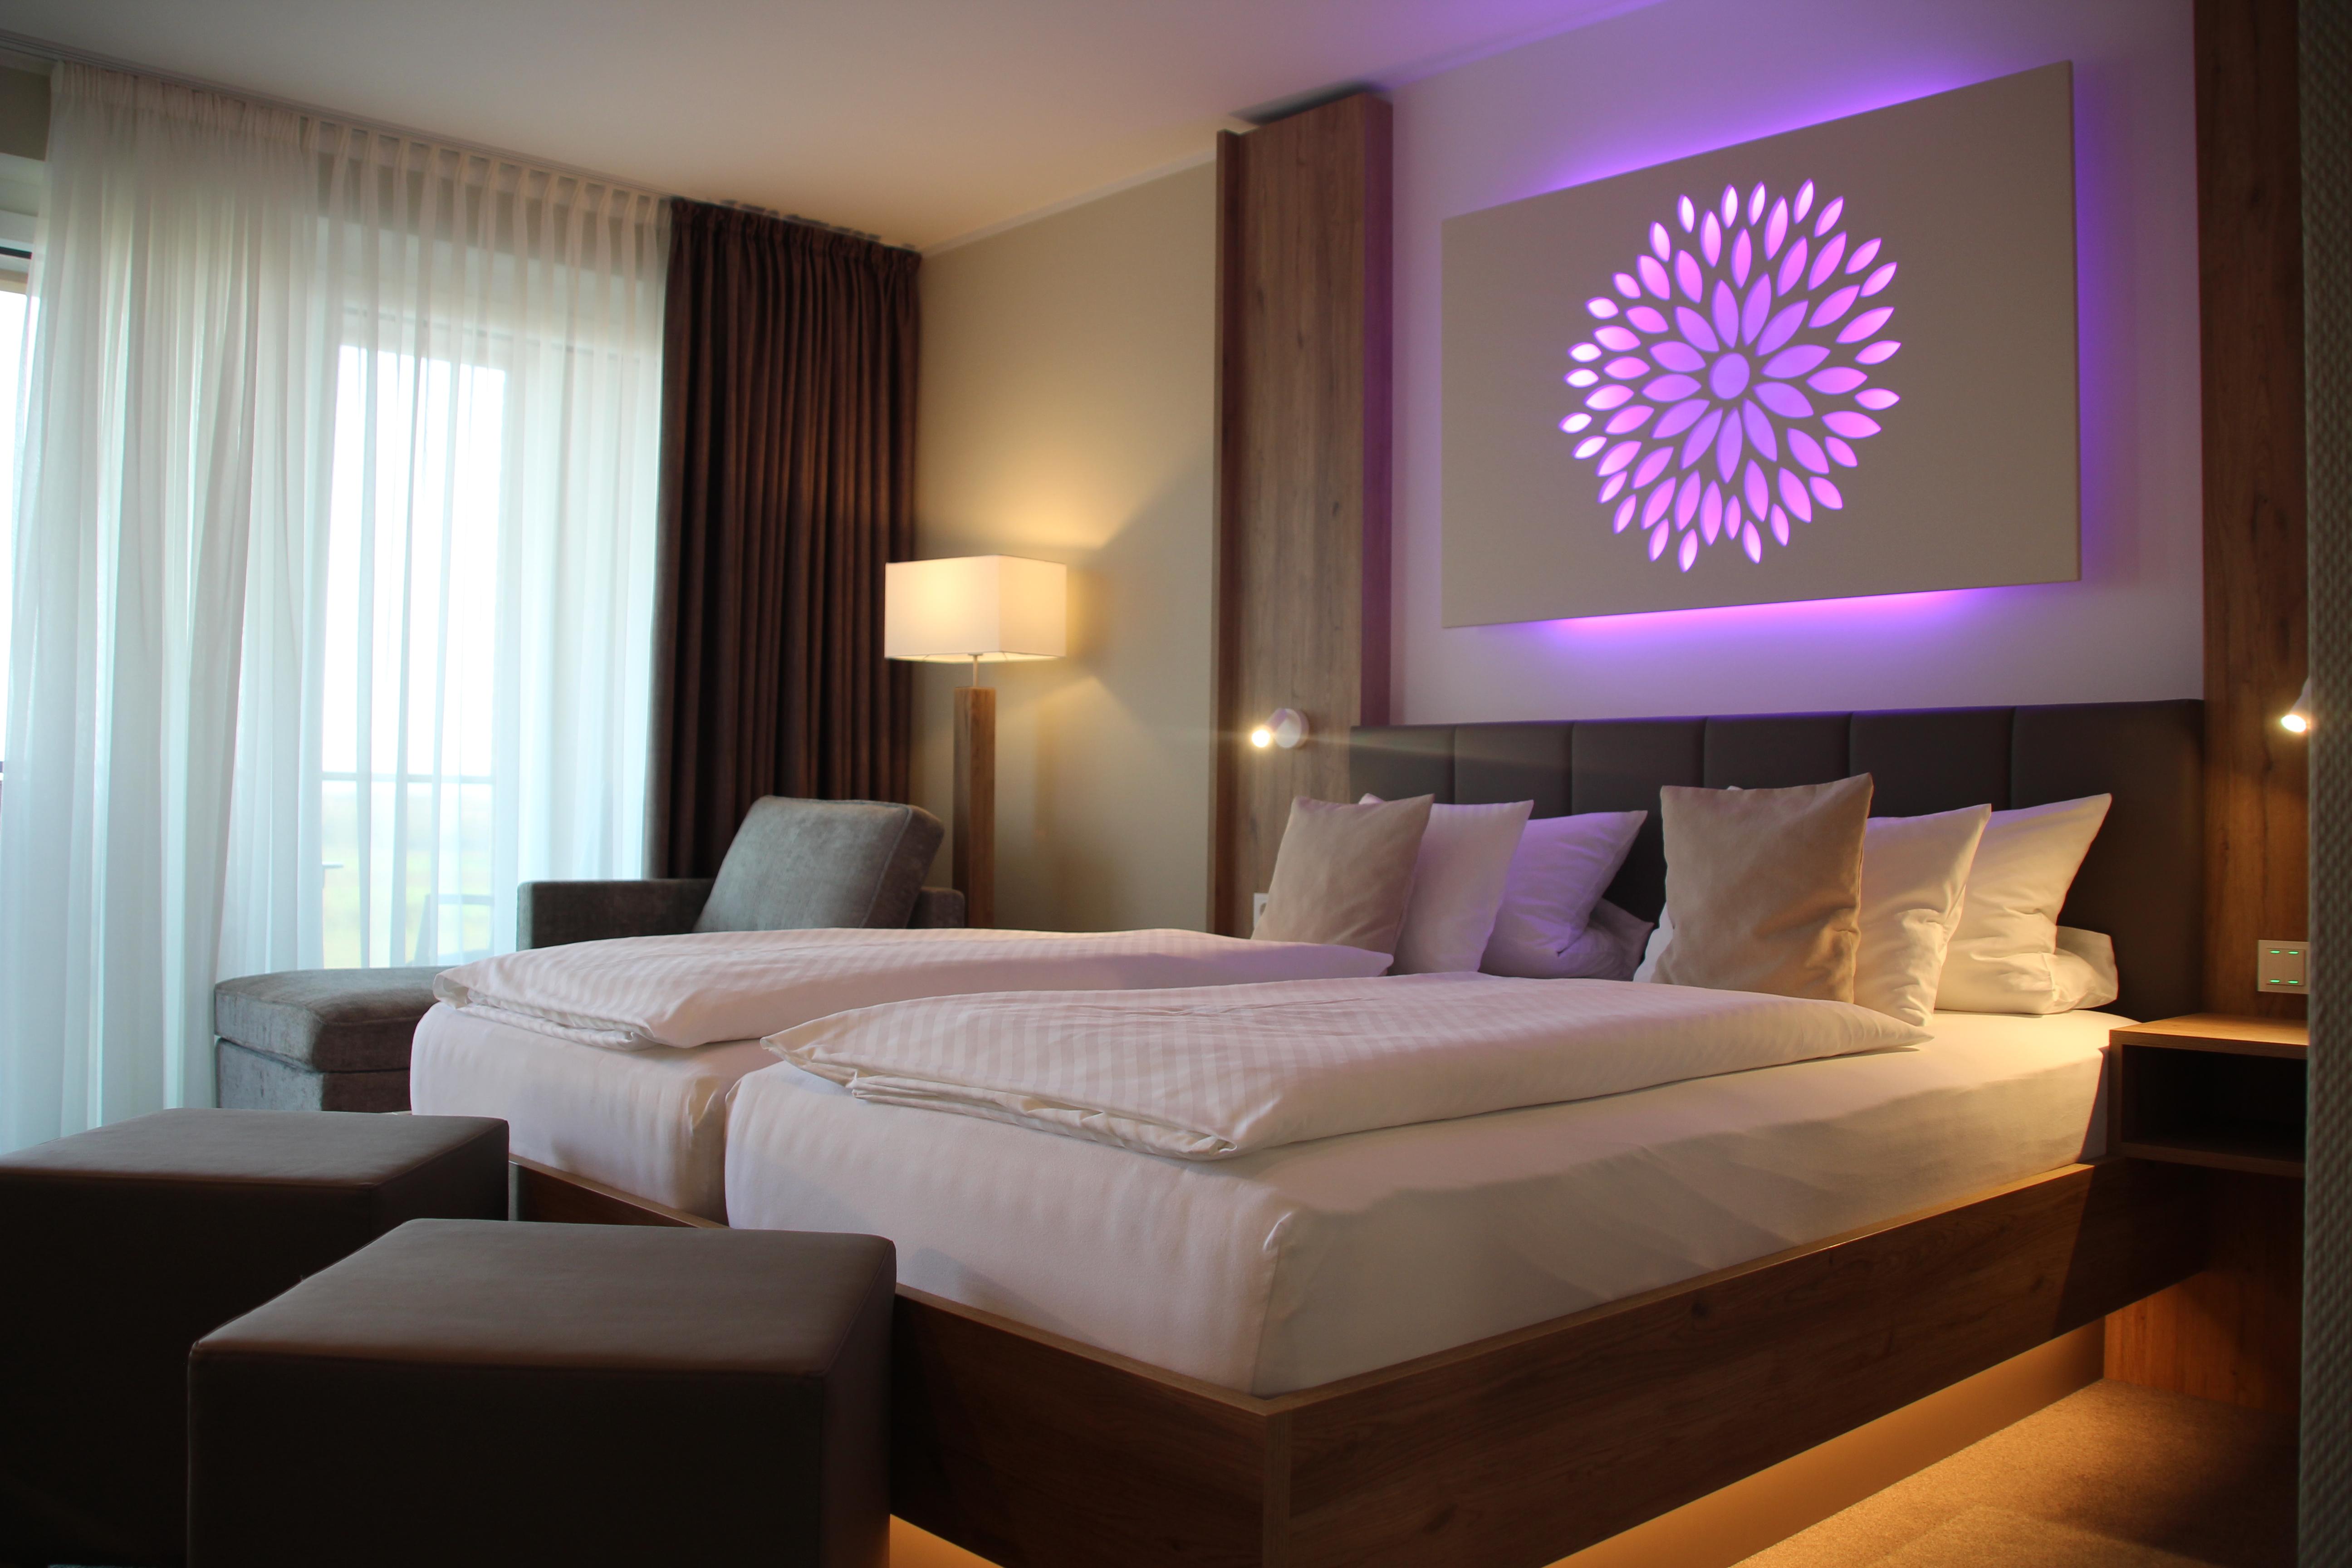 landhotel hermannsh he in legden holidaycheck nordrhein westfalen deutschland. Black Bedroom Furniture Sets. Home Design Ideas